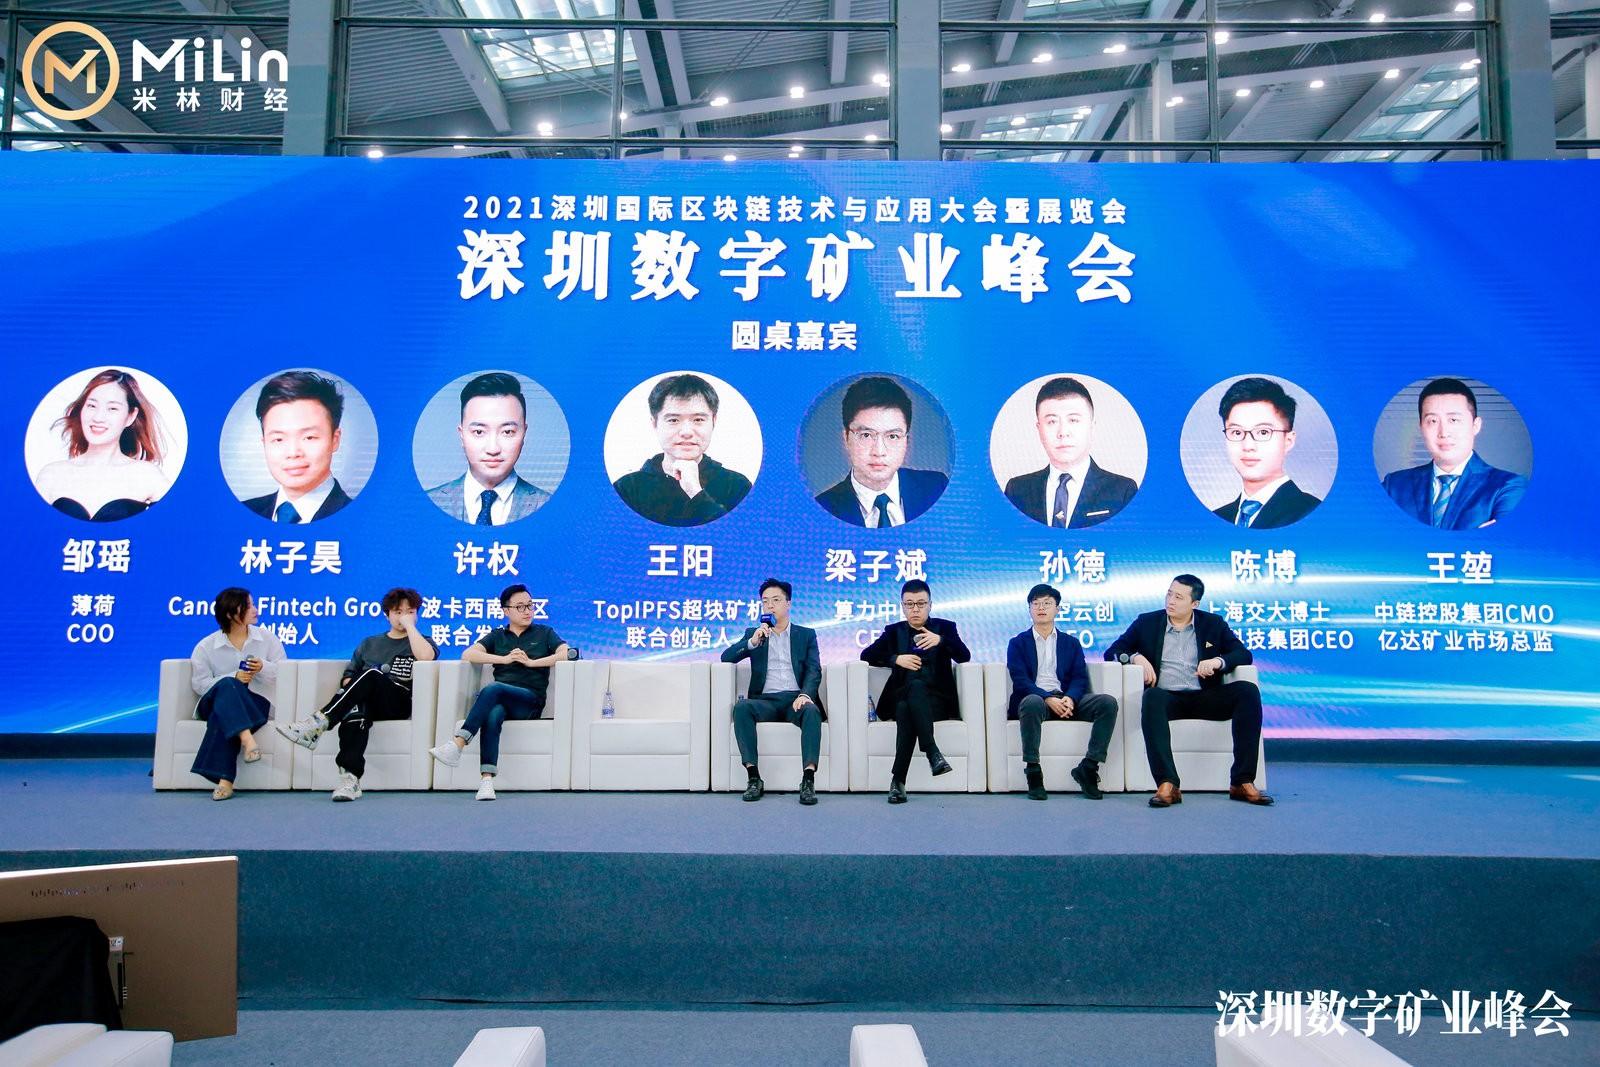 2021深圳数字矿业圆桌论坛:分布式存储与新兴挖矿机会